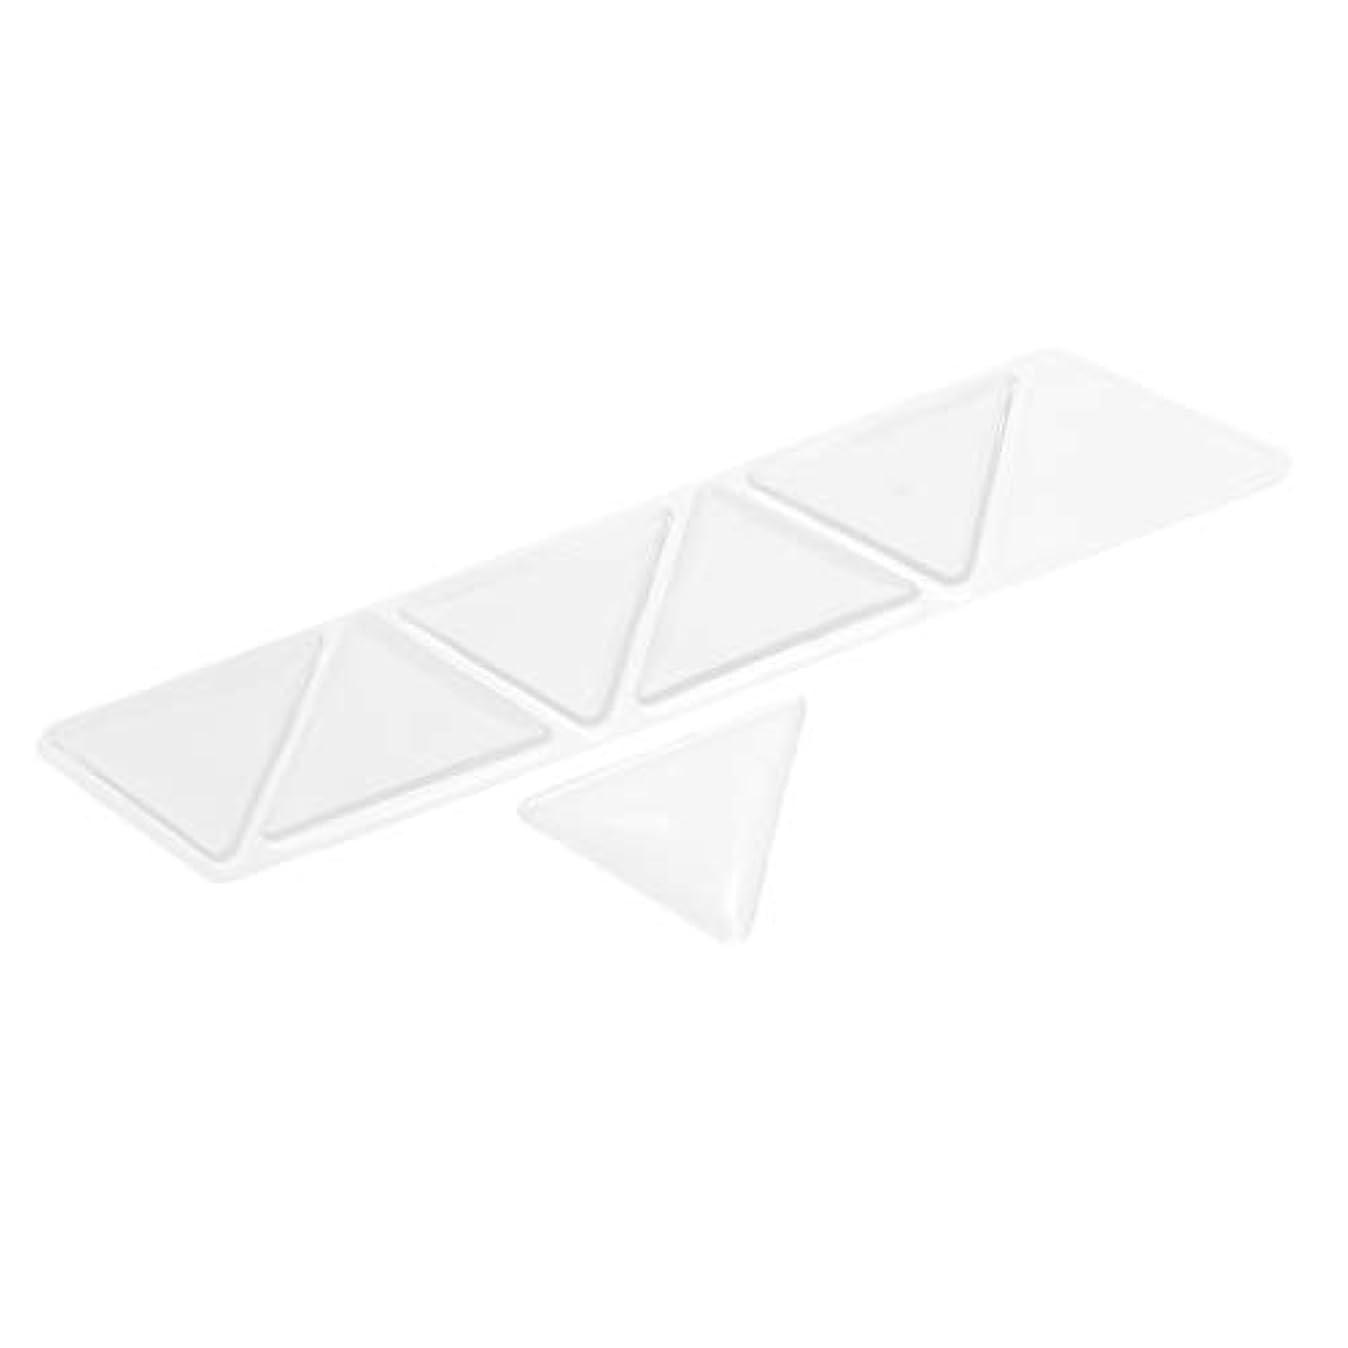 シャベル懐疑的抽選Baoblaze 額パッド スキンケアパッド アンチリンクル シリコン 三角パッド 再使用可能な